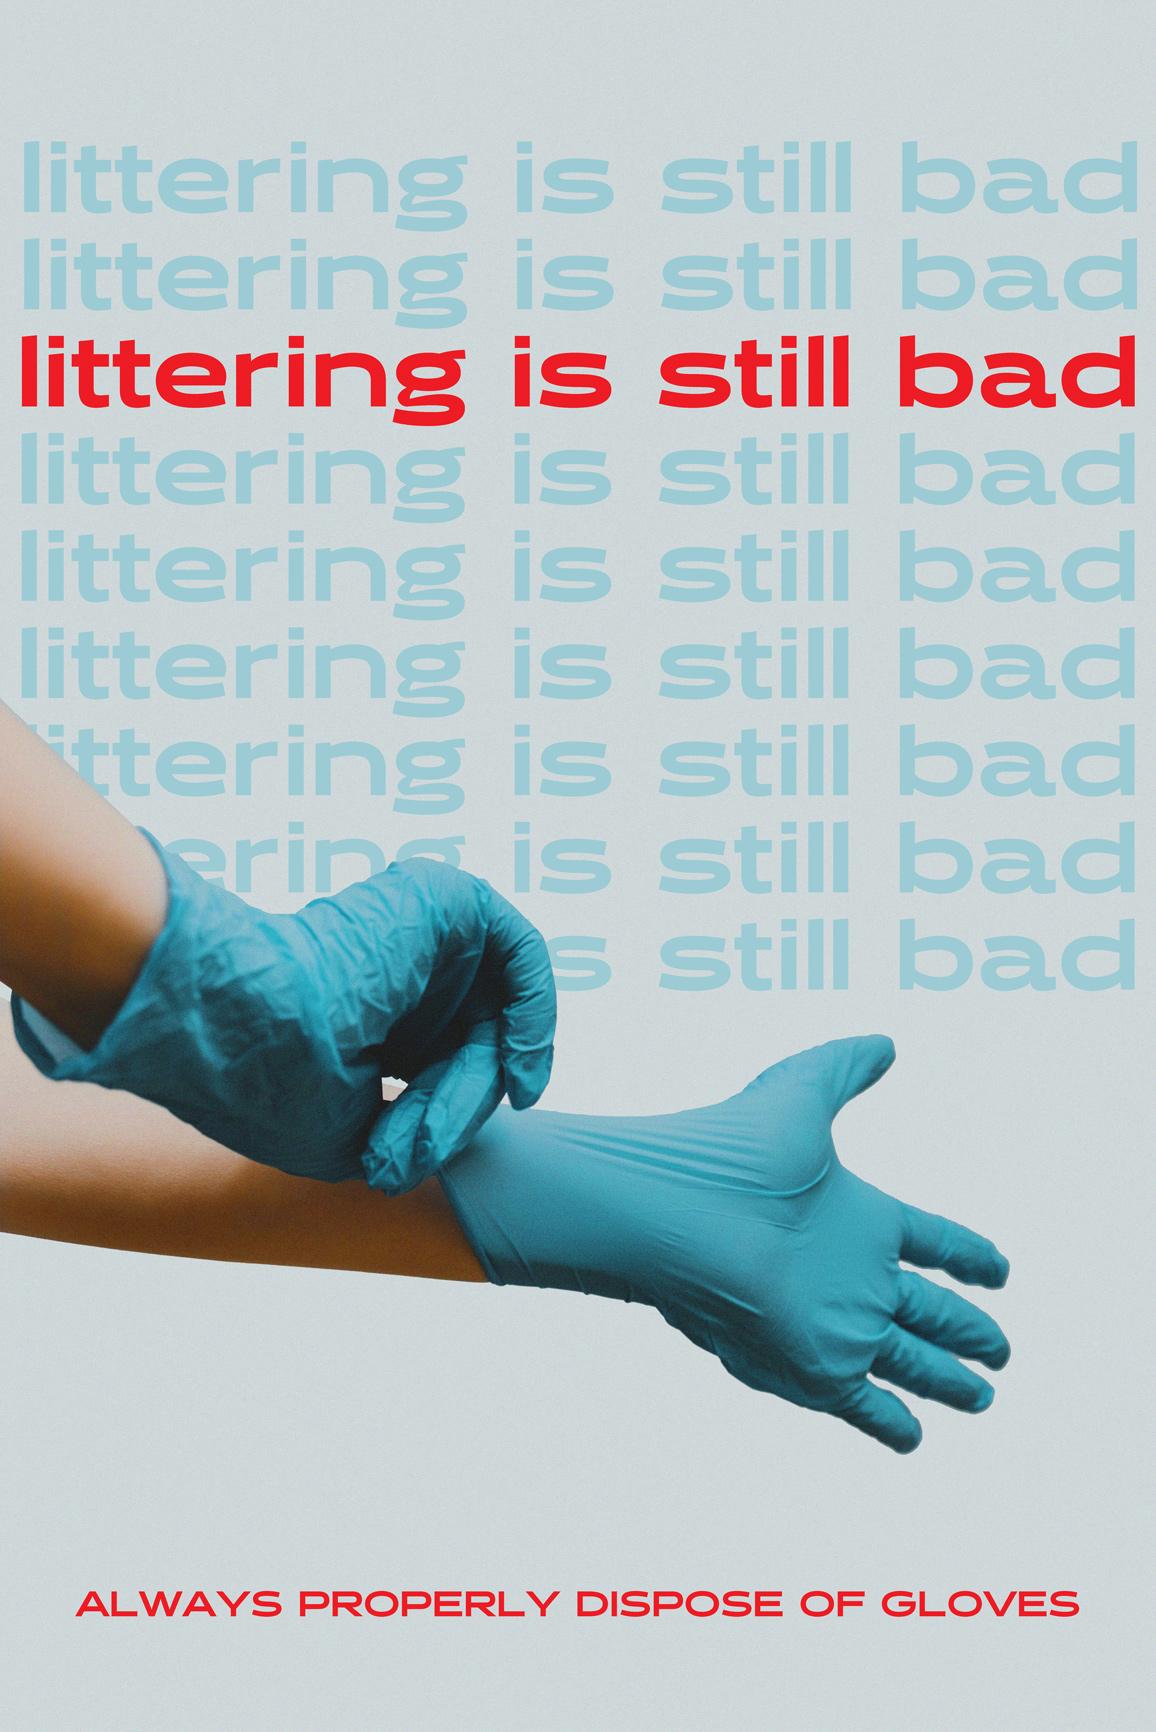 Littering is Still Bad